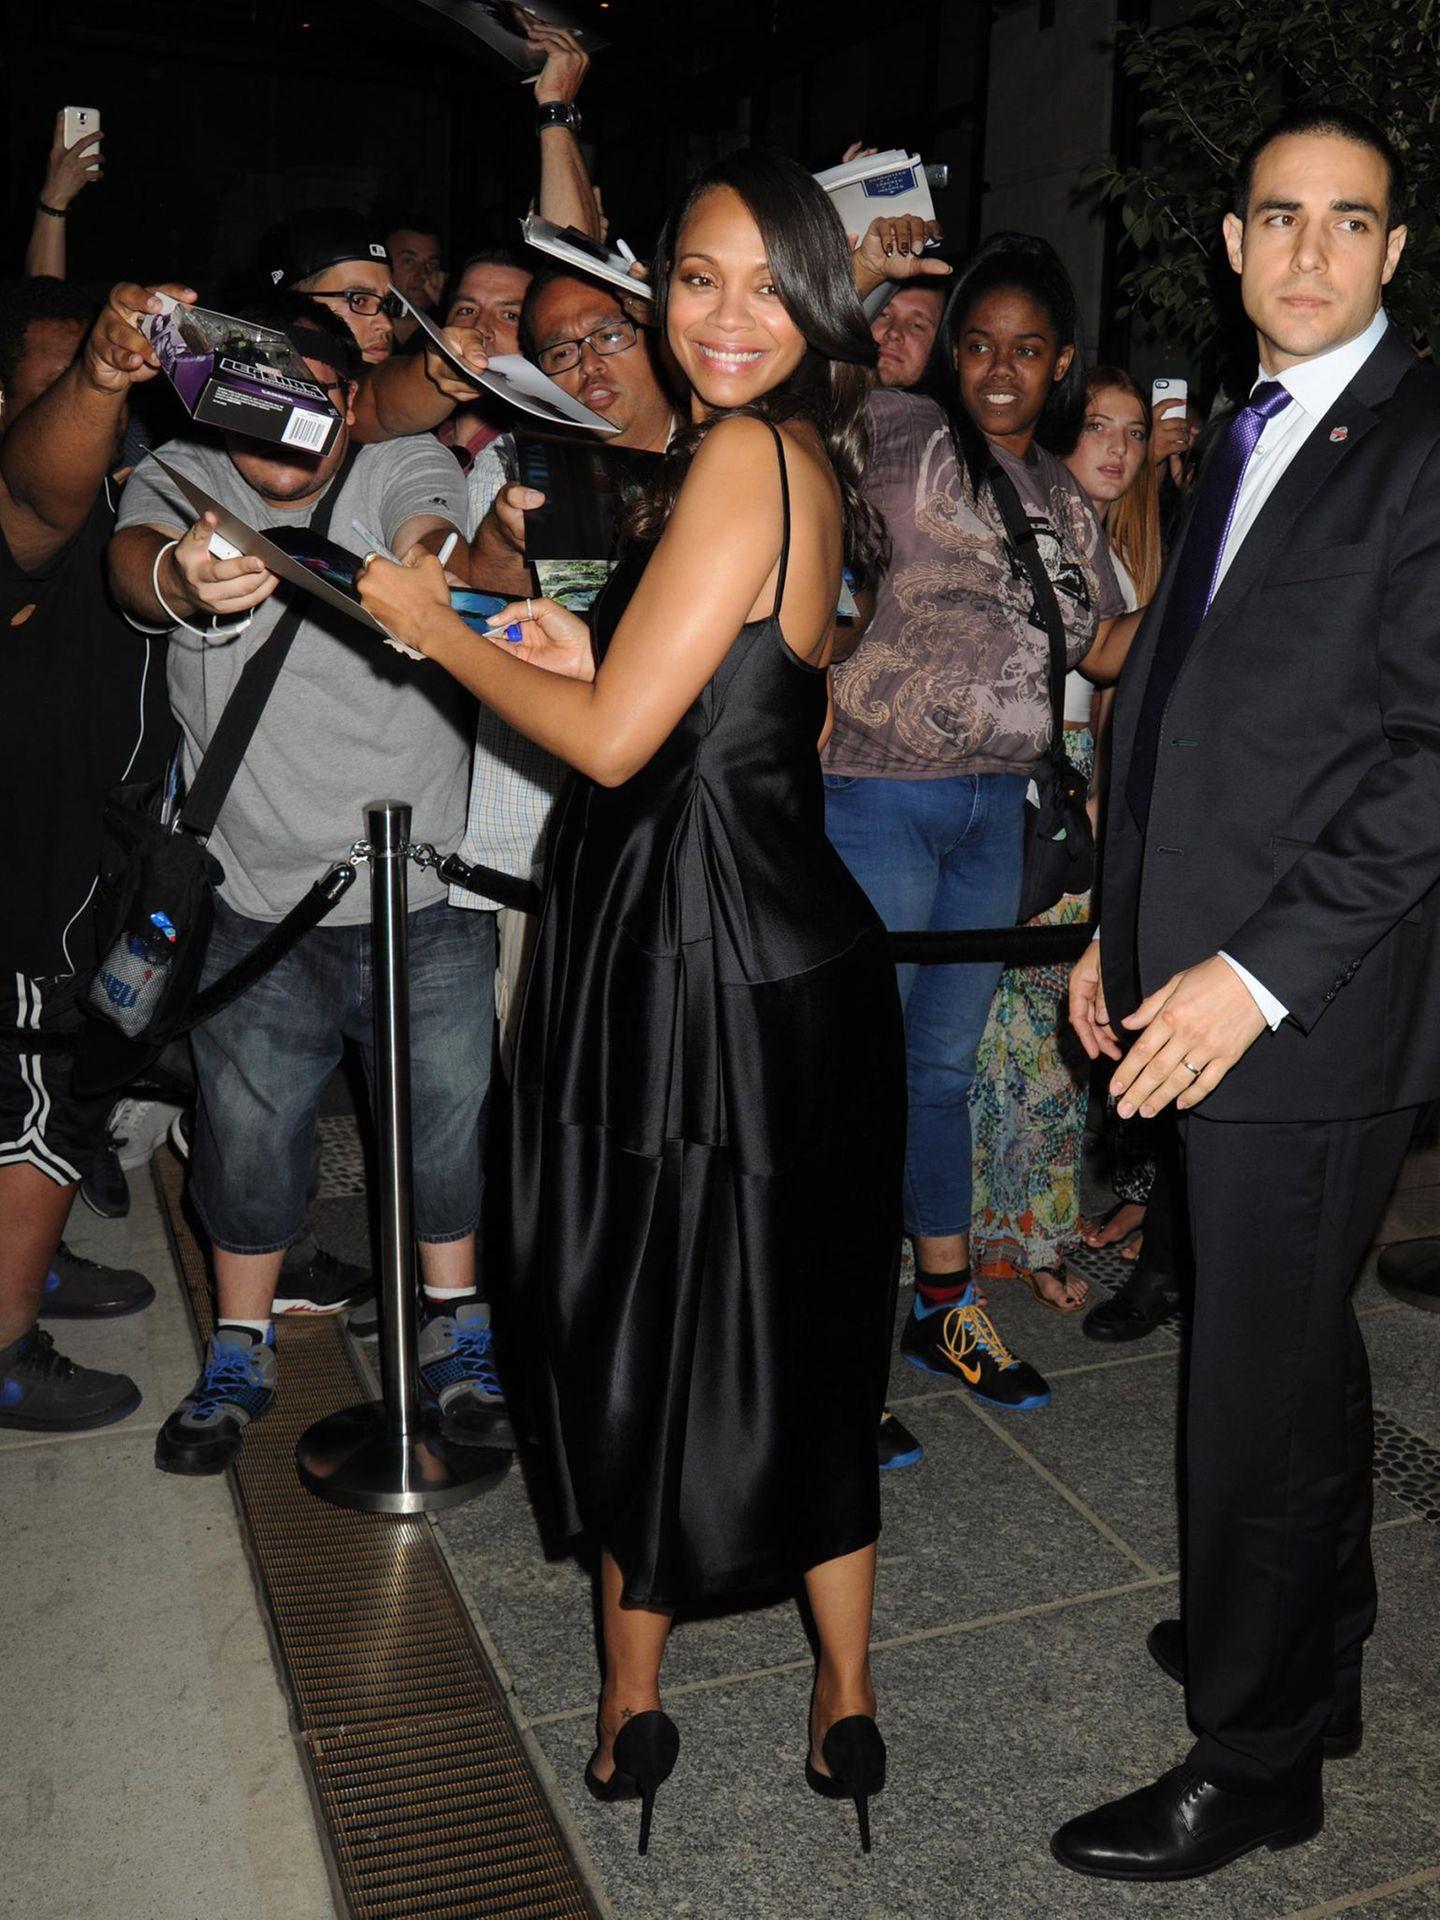 Zoe Saldana goibt in New York vor ihrer Filmpremiere viele Autogramme.